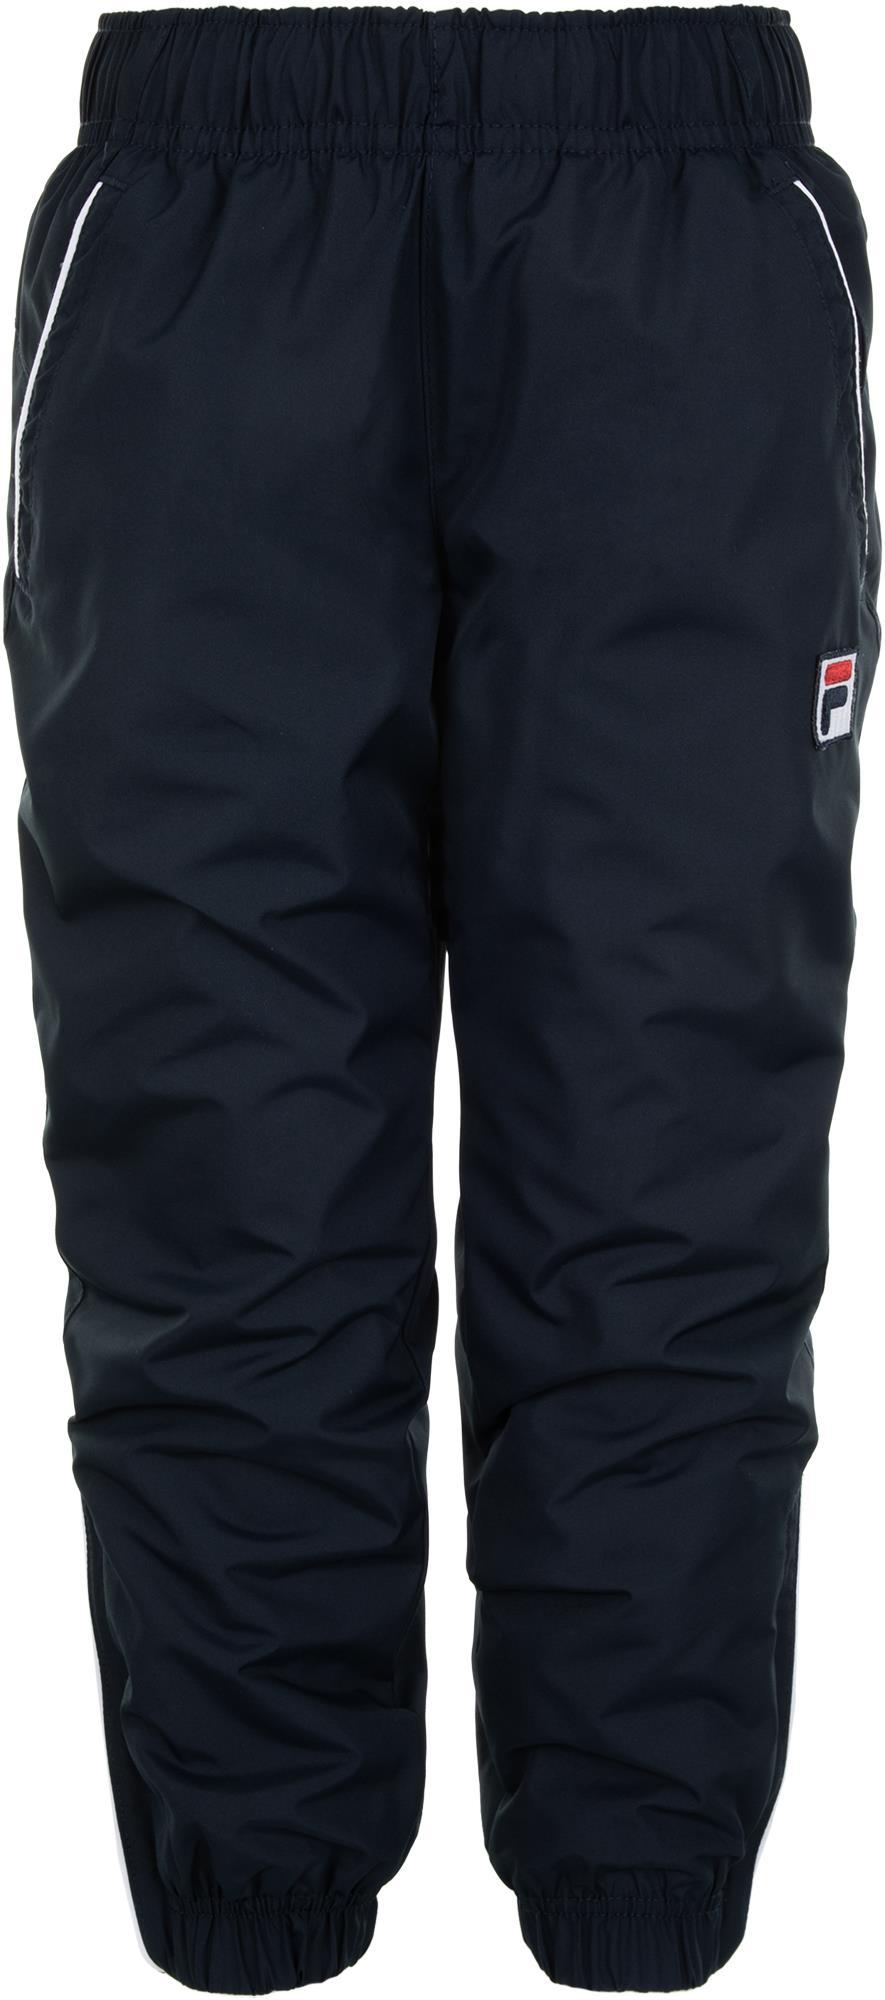 Брюки Fila Boys training trousers